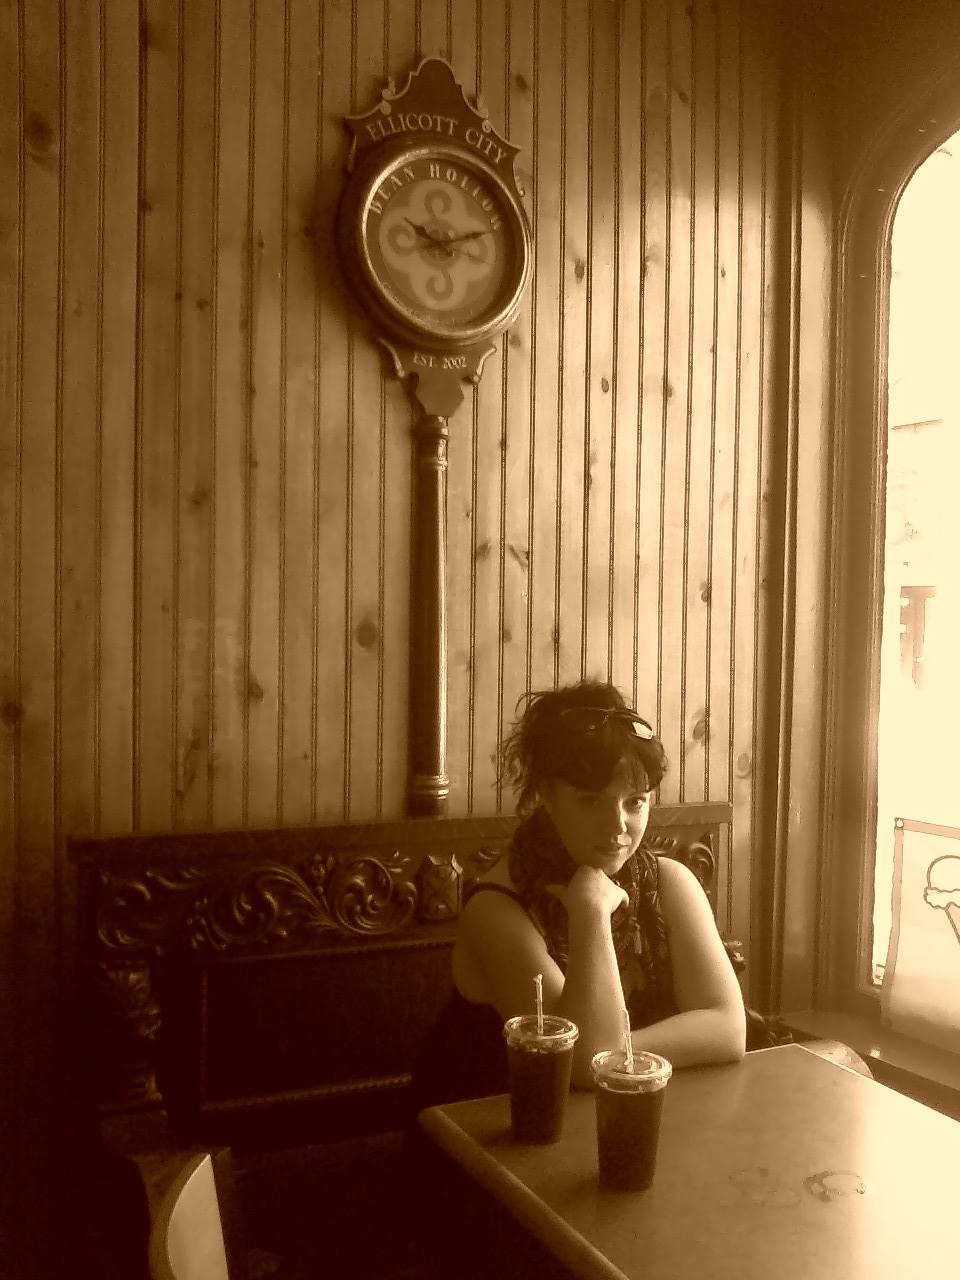 Nichole, Bean Hollow, 2012